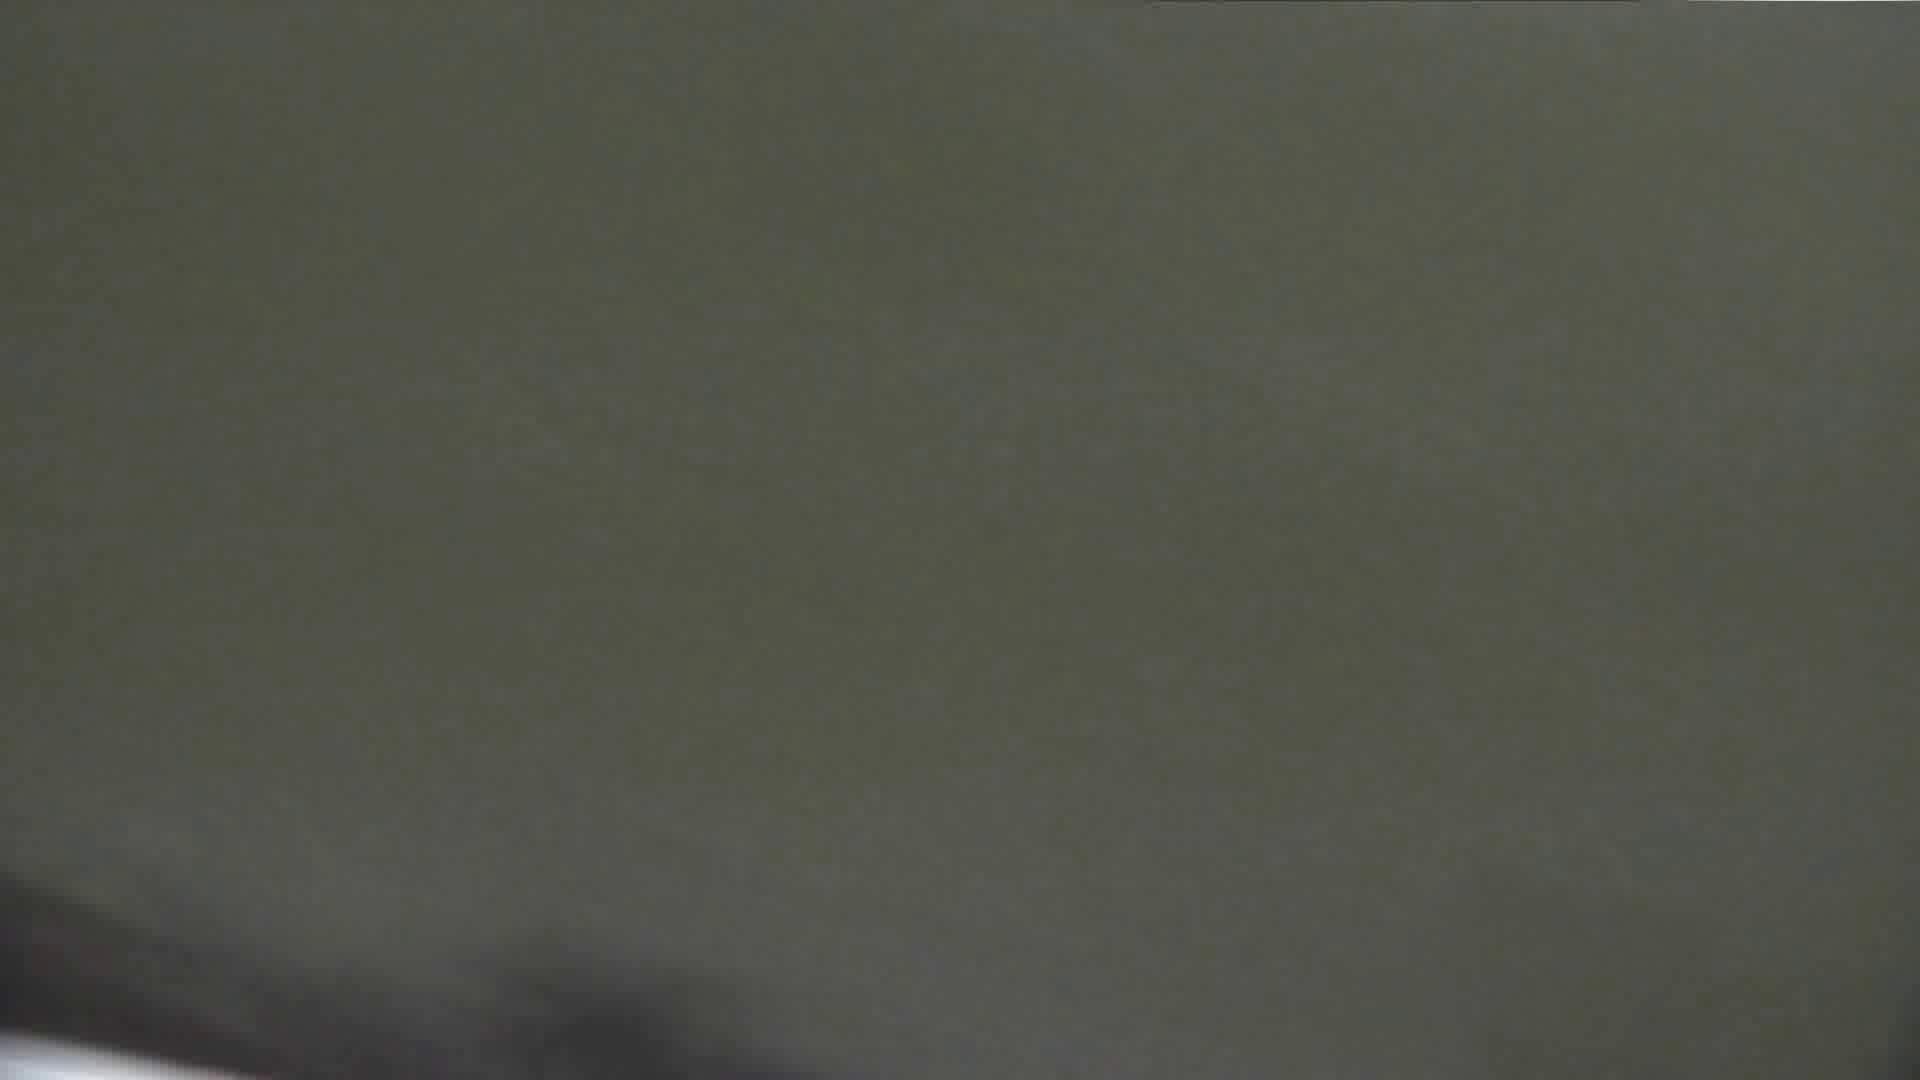 【美しき個室な世界】 vol.025 メガネ属性ヾ(´∀`)ノ 洗面所  84画像 78